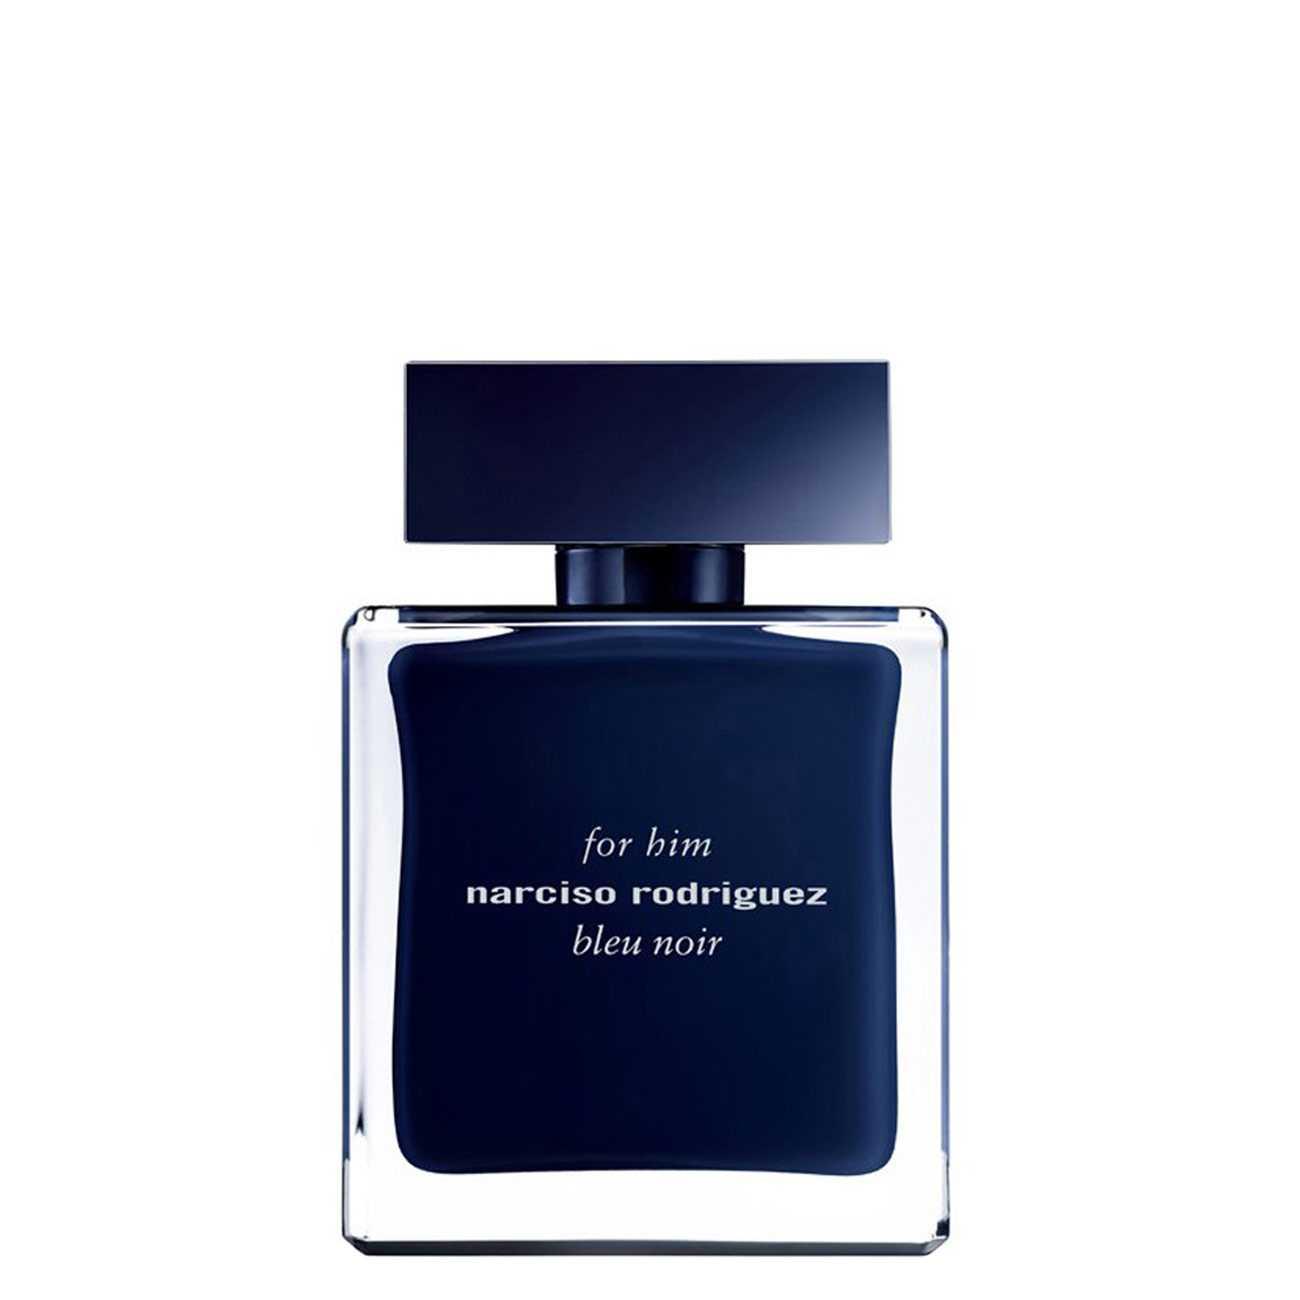 For Him Bleu Noir 50ml imagine